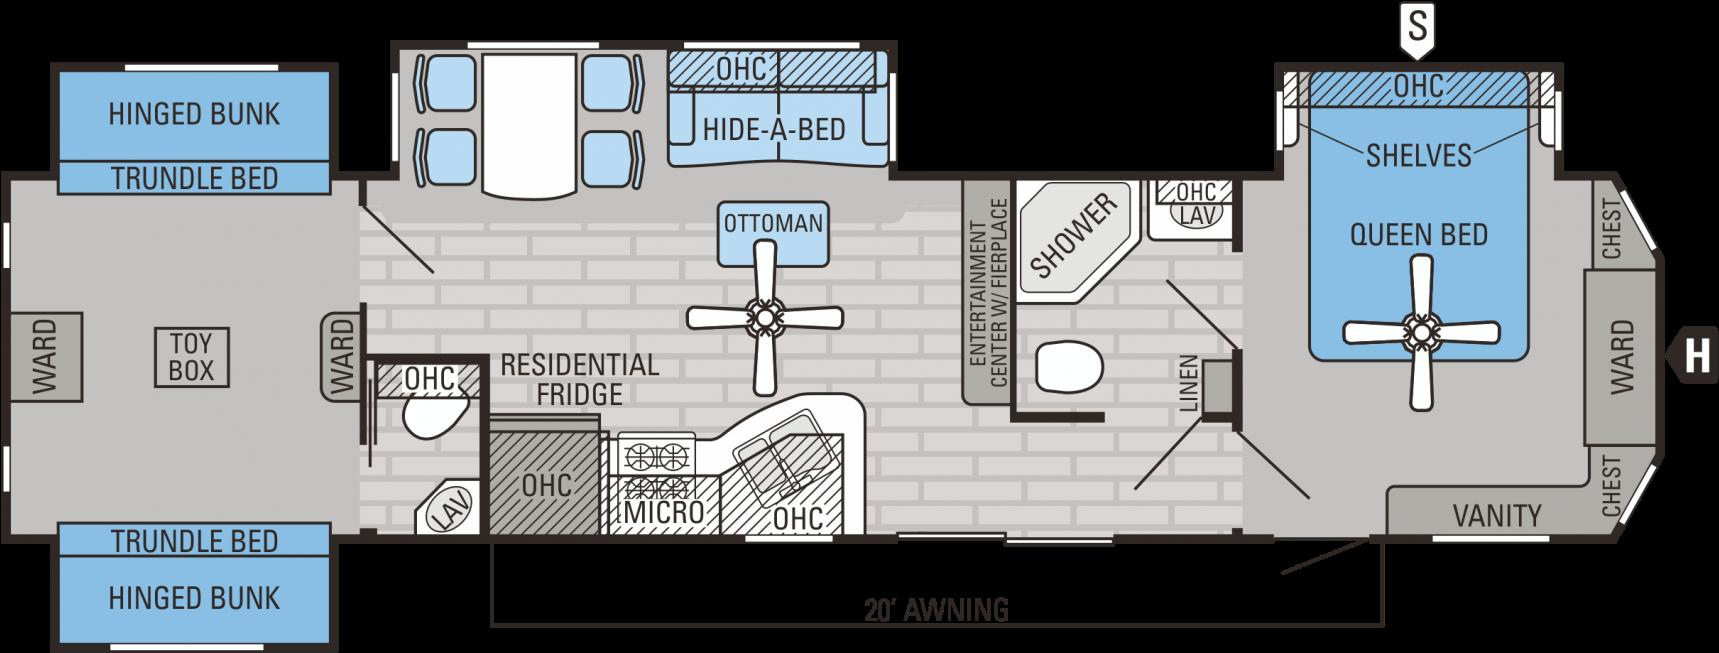 Download 3 Bedroom Rv Floor Plan